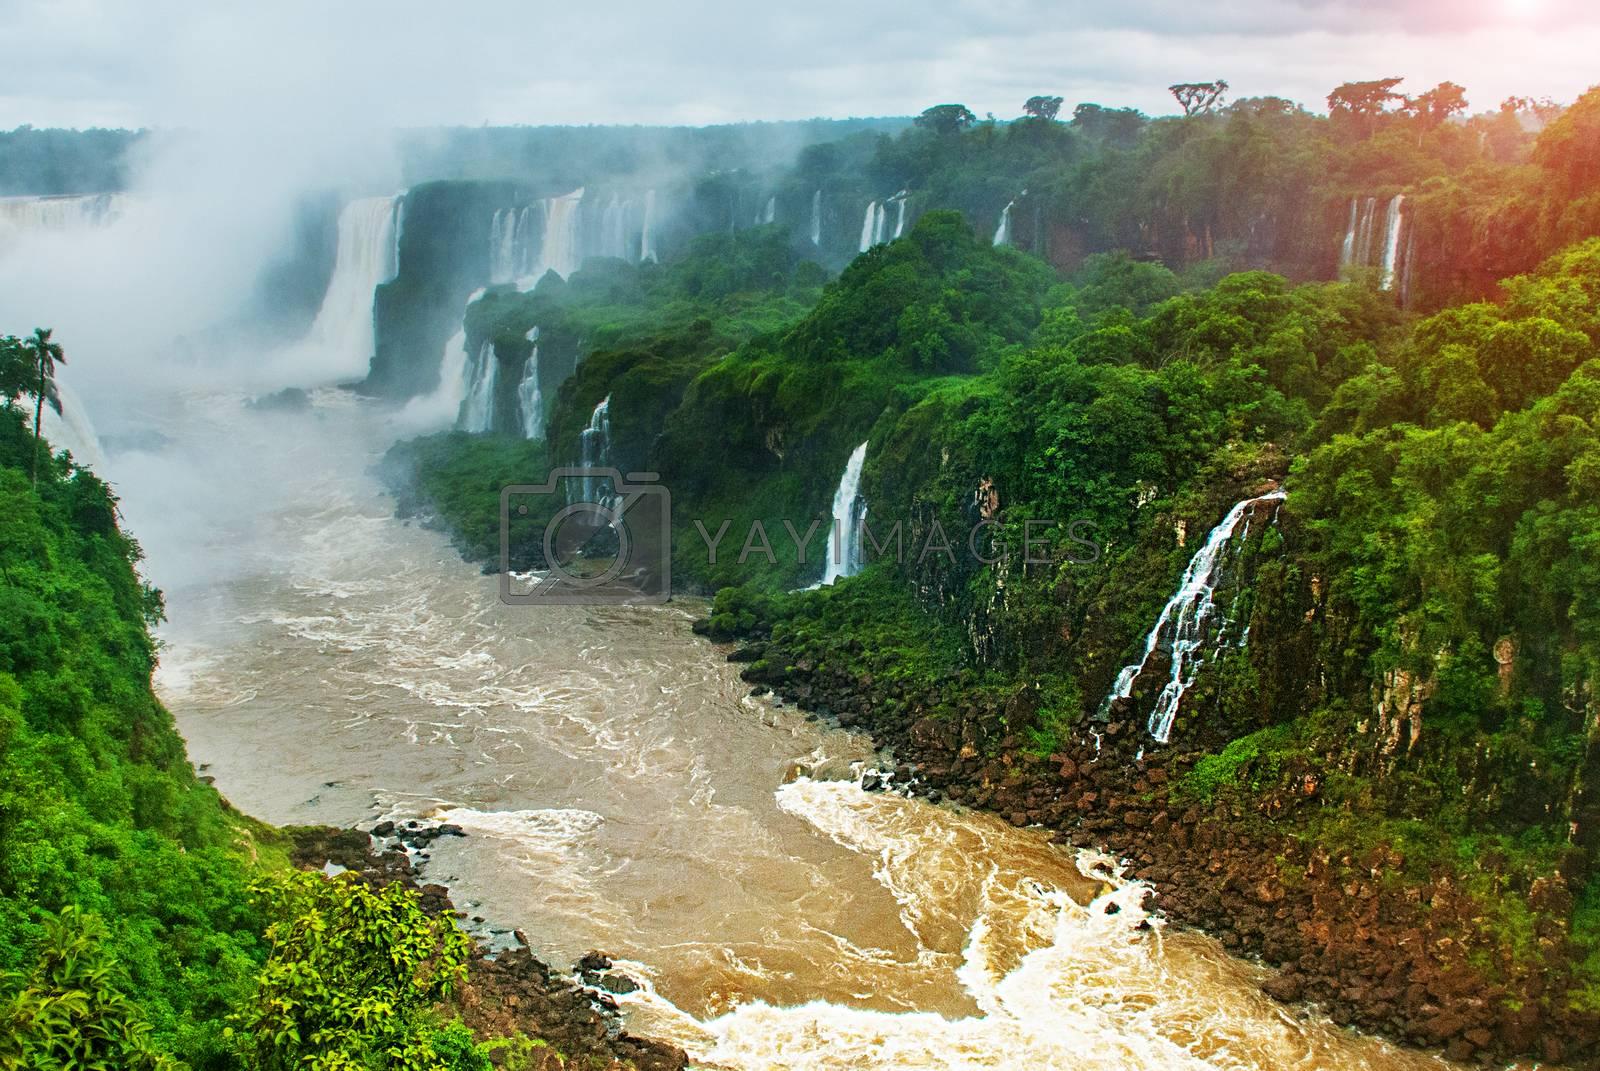 Brazil, America, Iguazu falls. World-famous and popular among tourists waterfall. Seventh wonder of the world. UNESCO